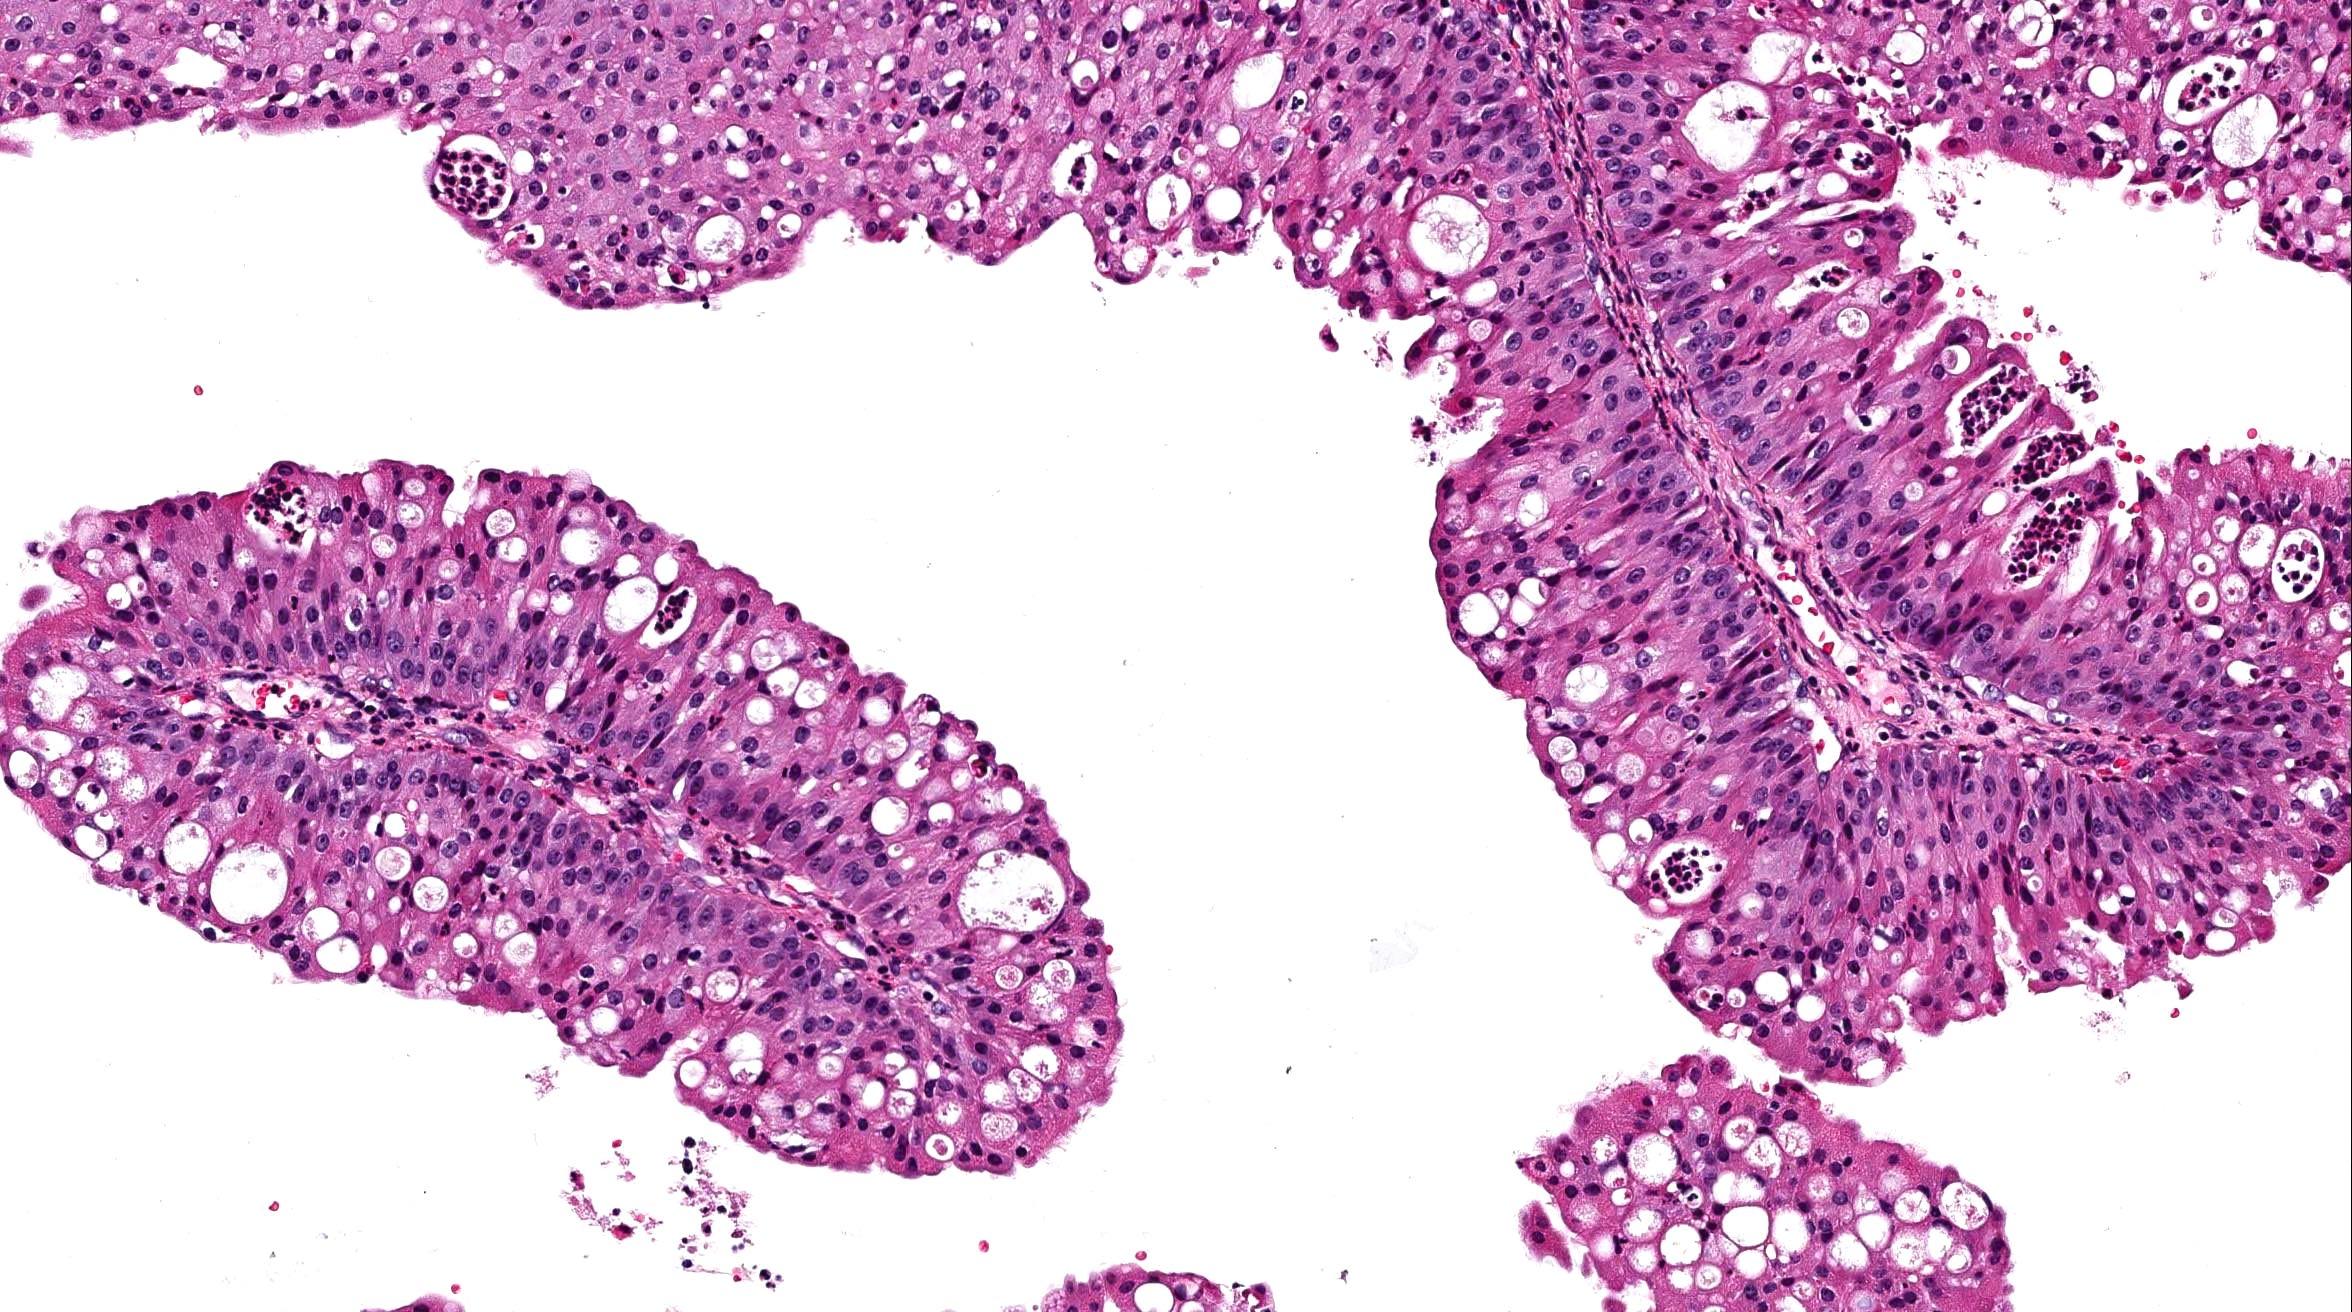 sinonasal papilloma exophytic type)